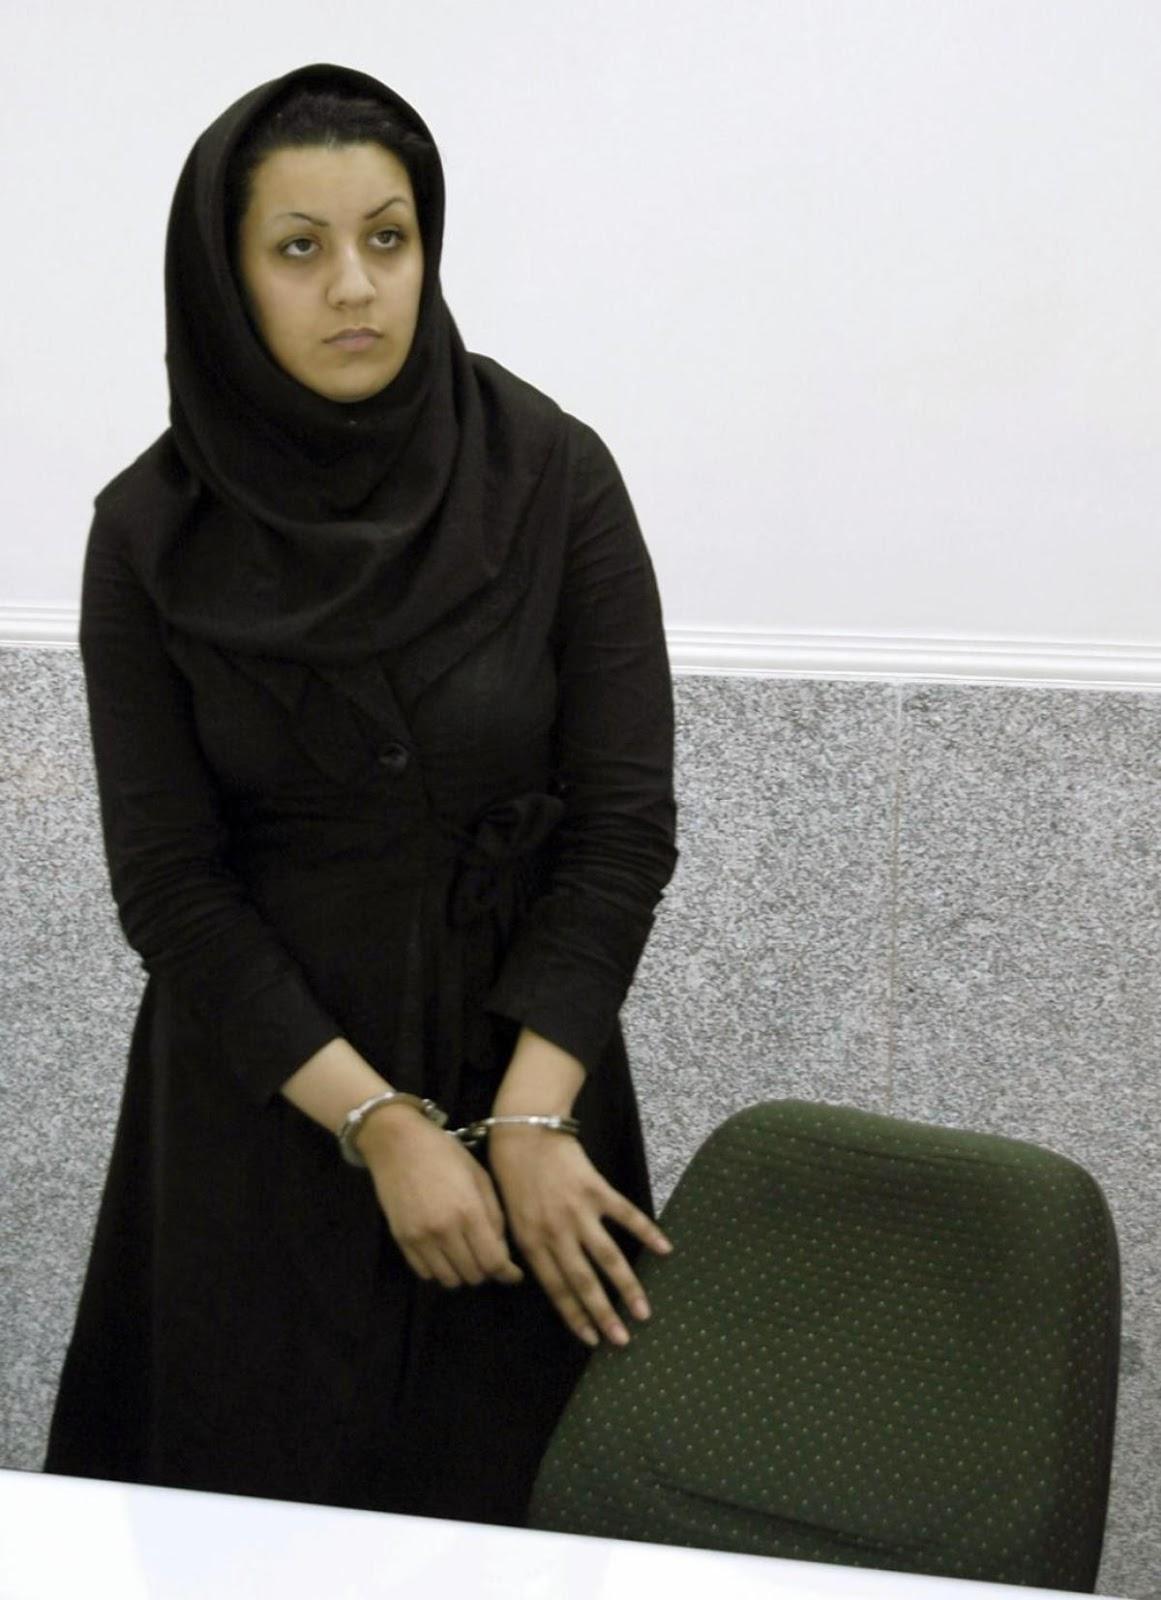 iranian woman hanged